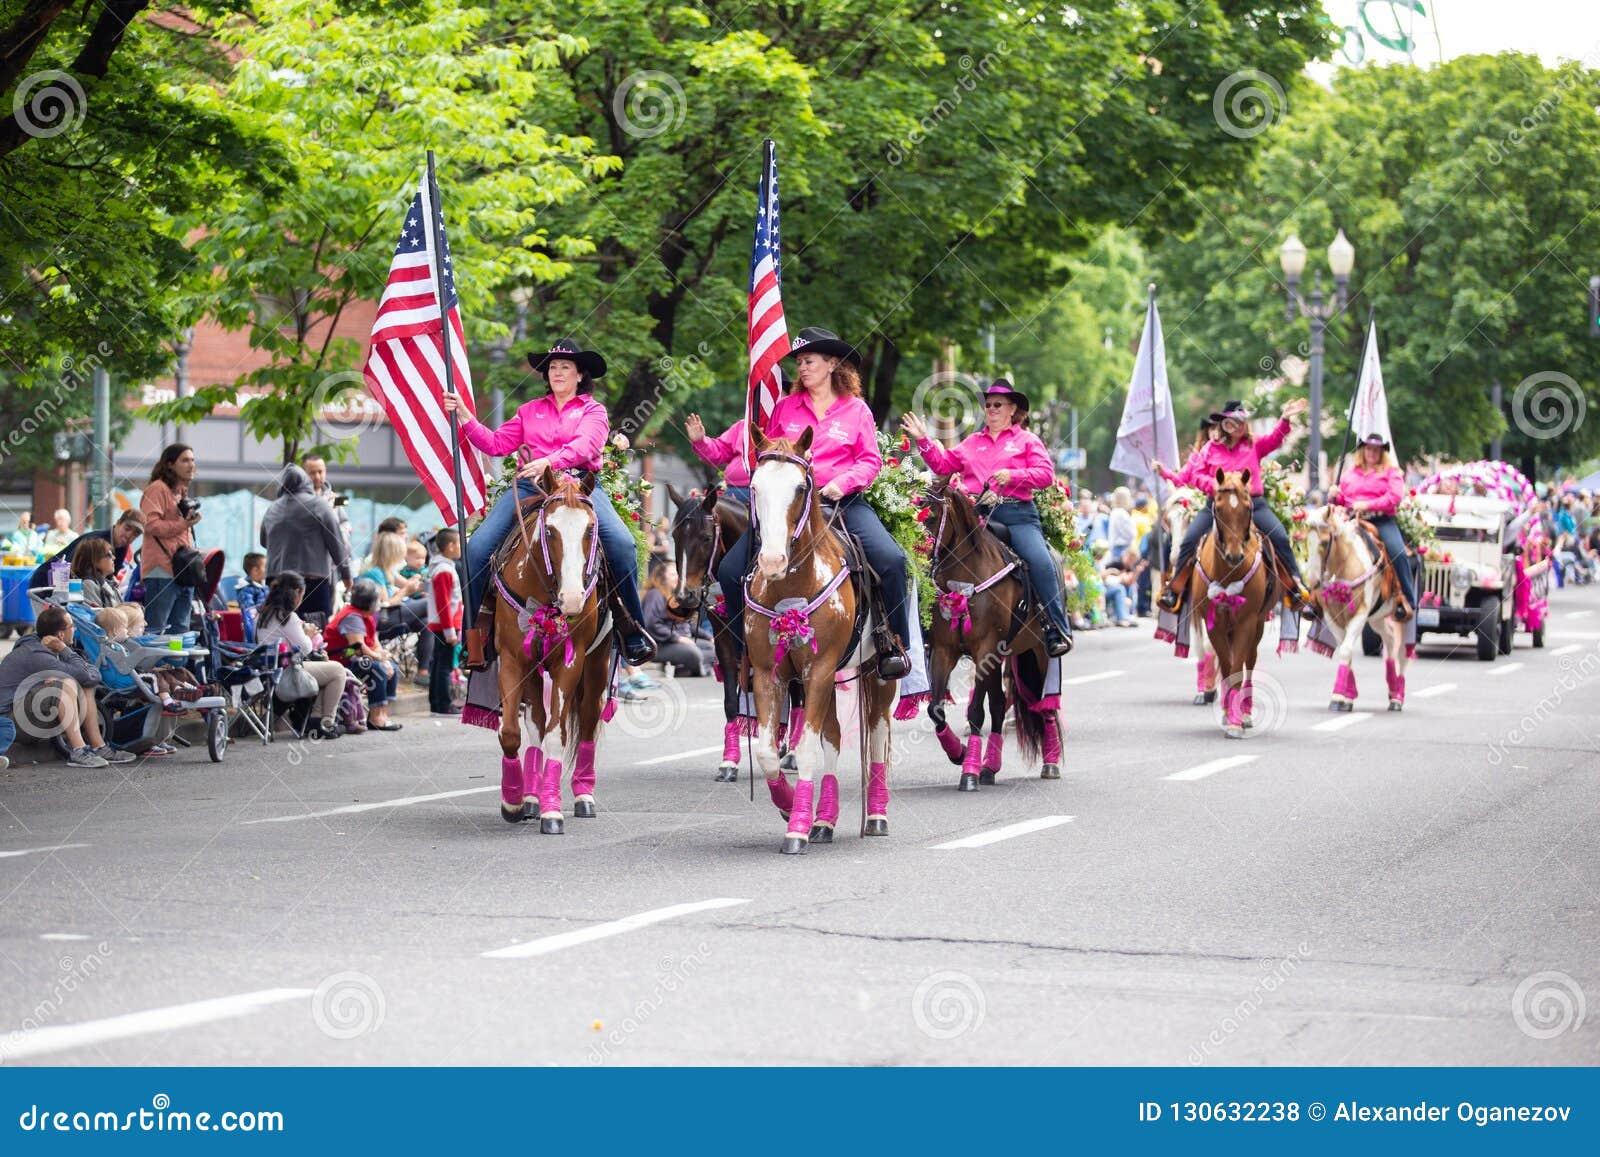 Groupe de femmes adultes dans des costumes roses de cowboy